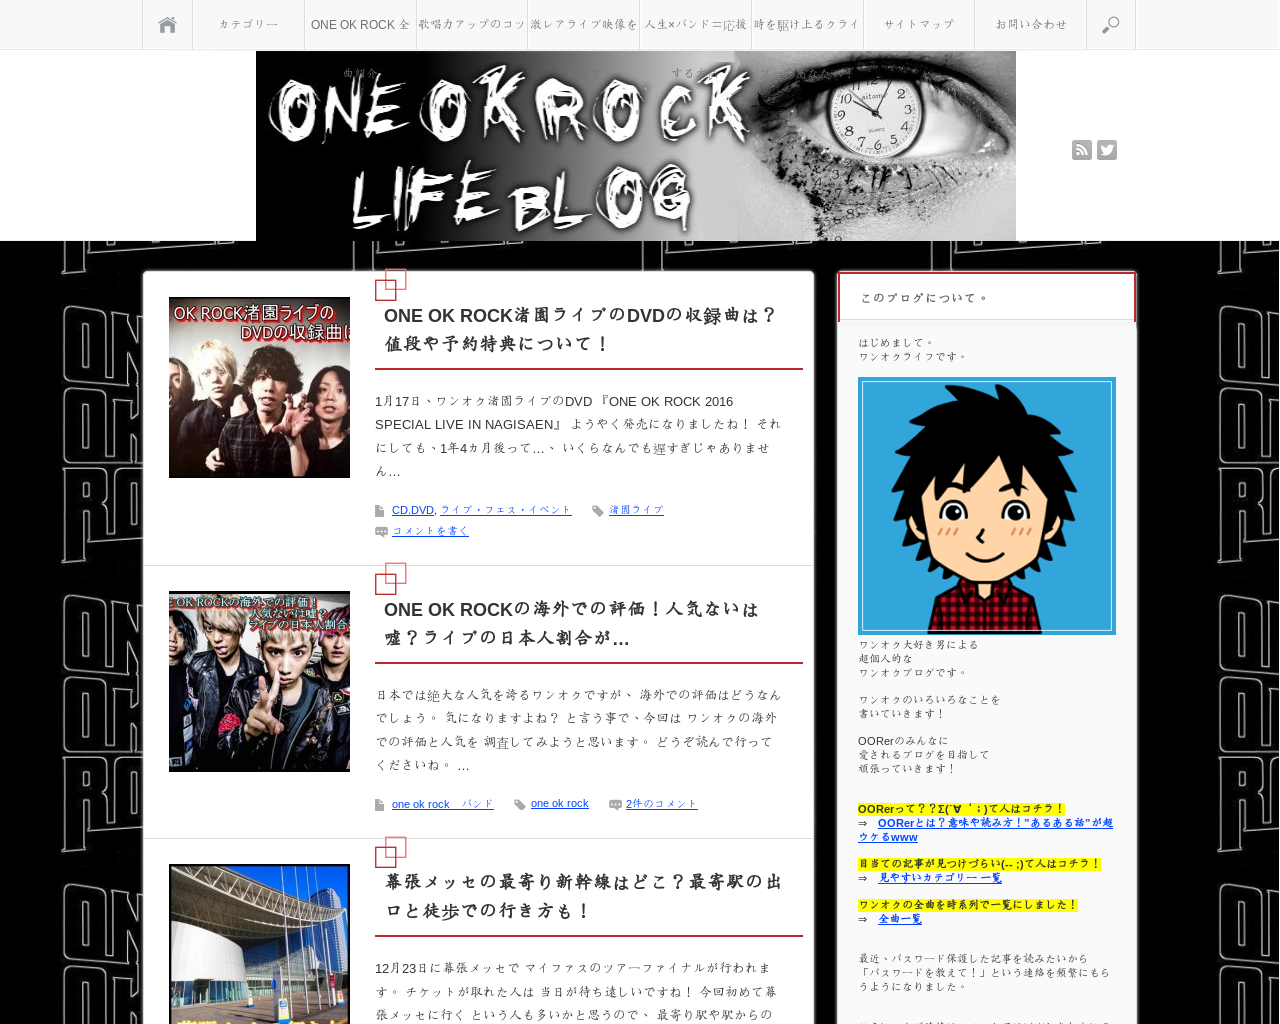 one-ok-rock-blog.jp(2018/04/16 18:00:43)